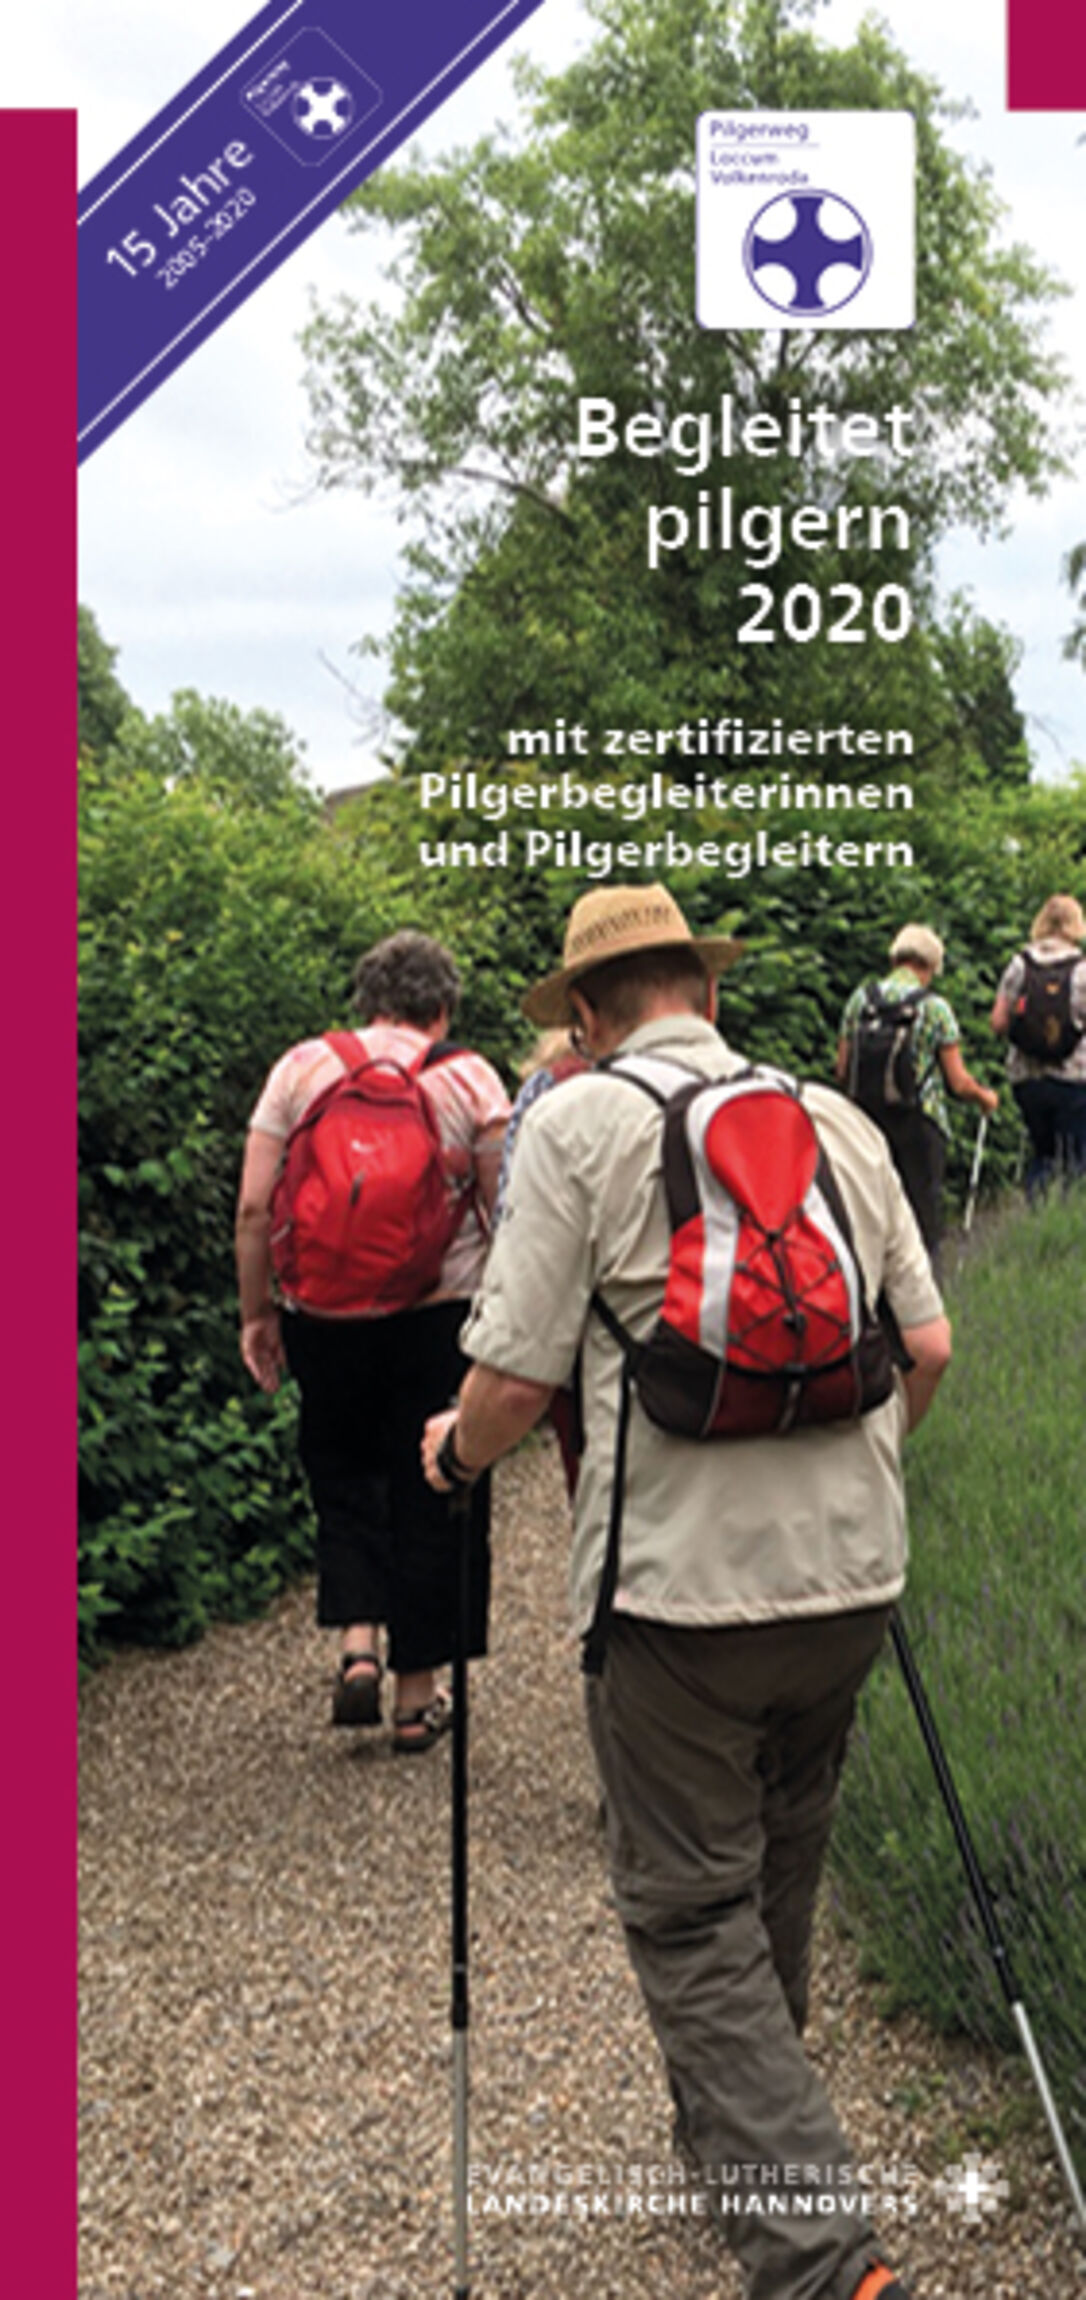 Titel Begleitet pilgern 2020